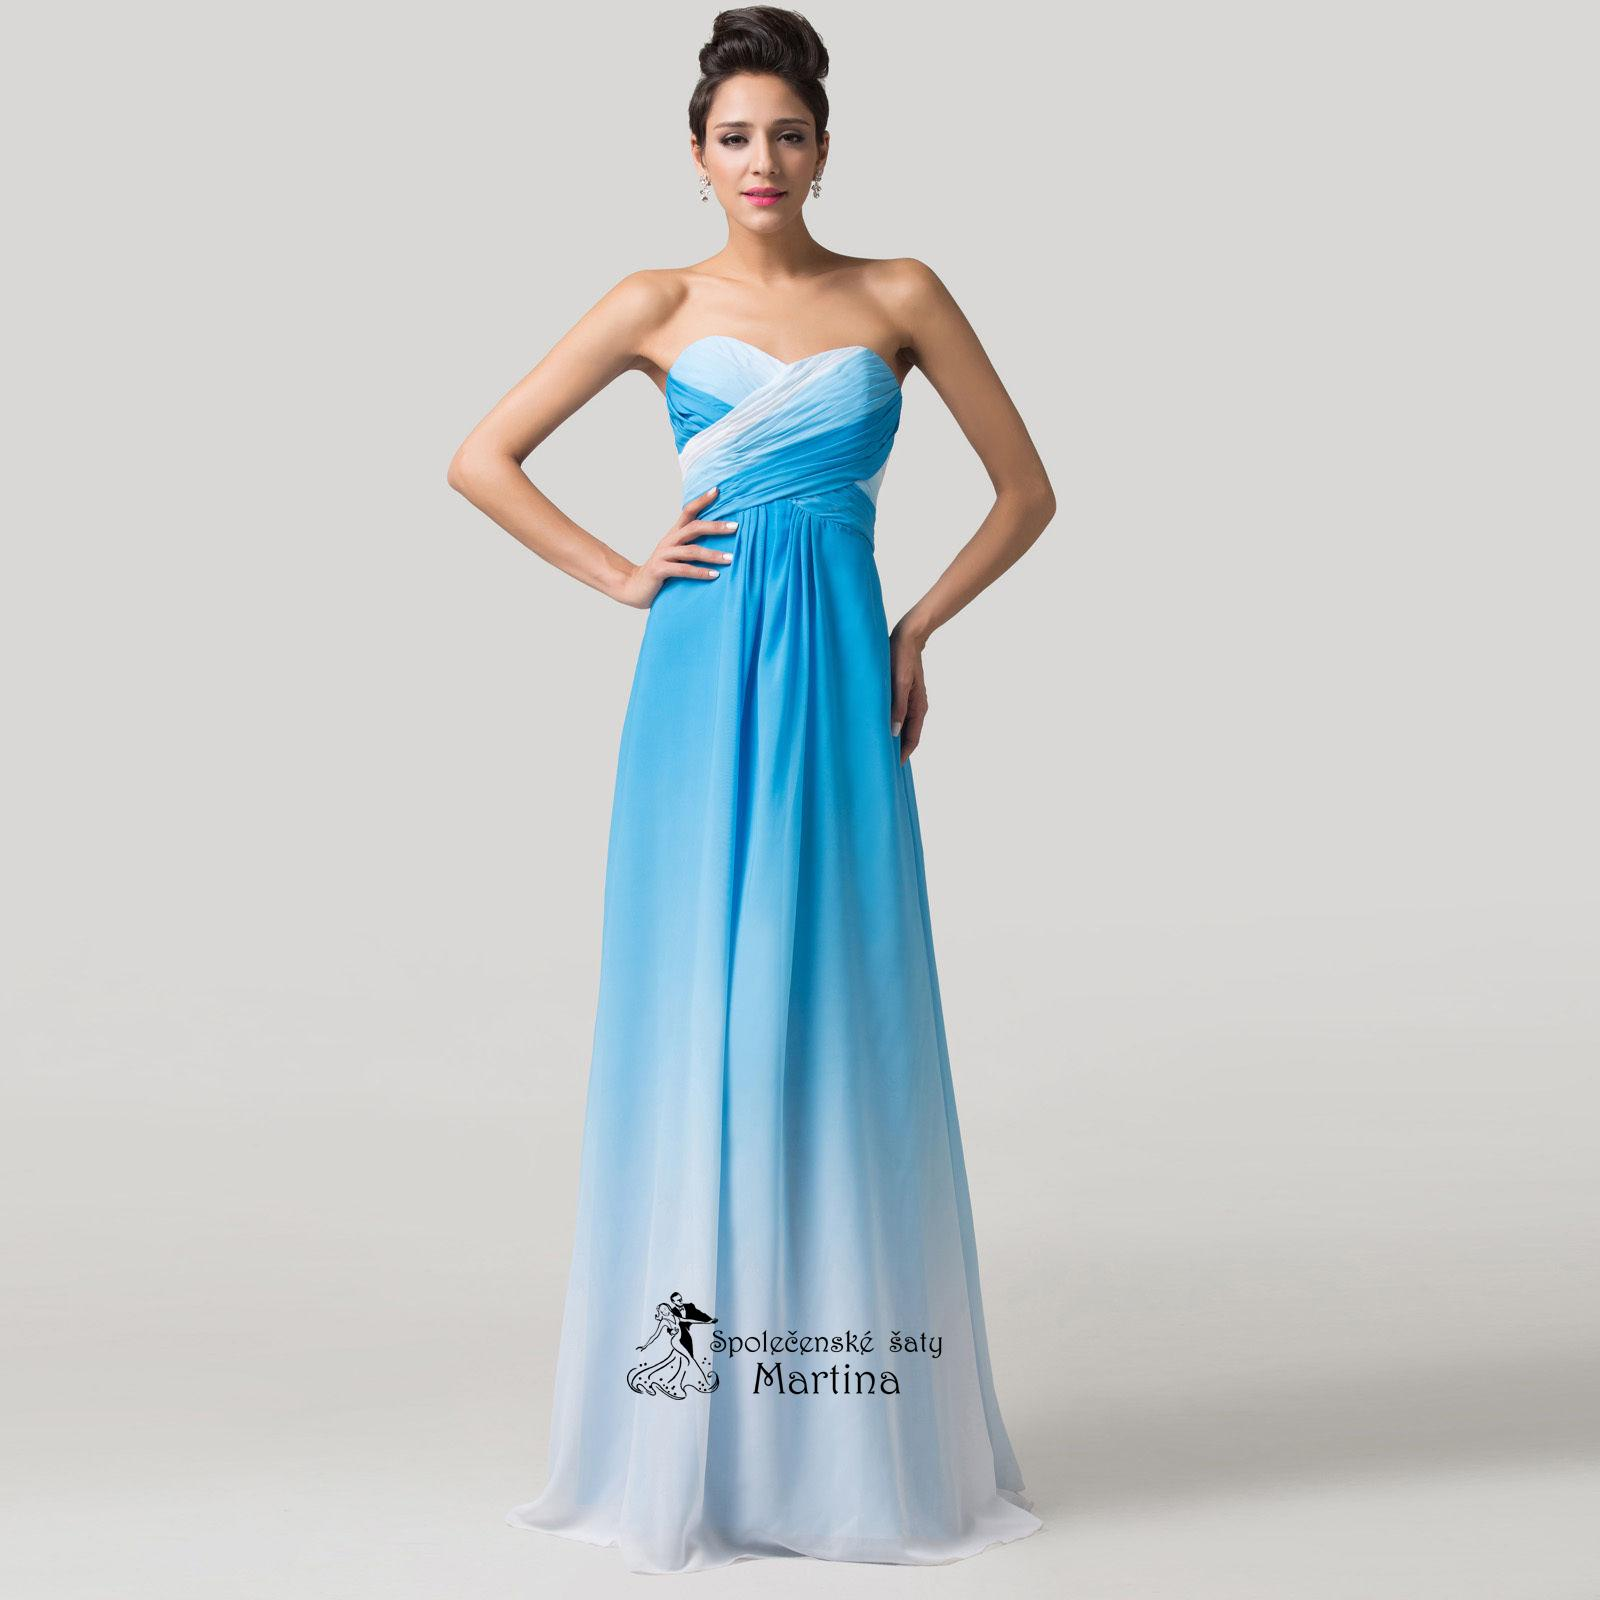 f687bcf9e536 Společenské-maturitní-plesové šaty-družičky